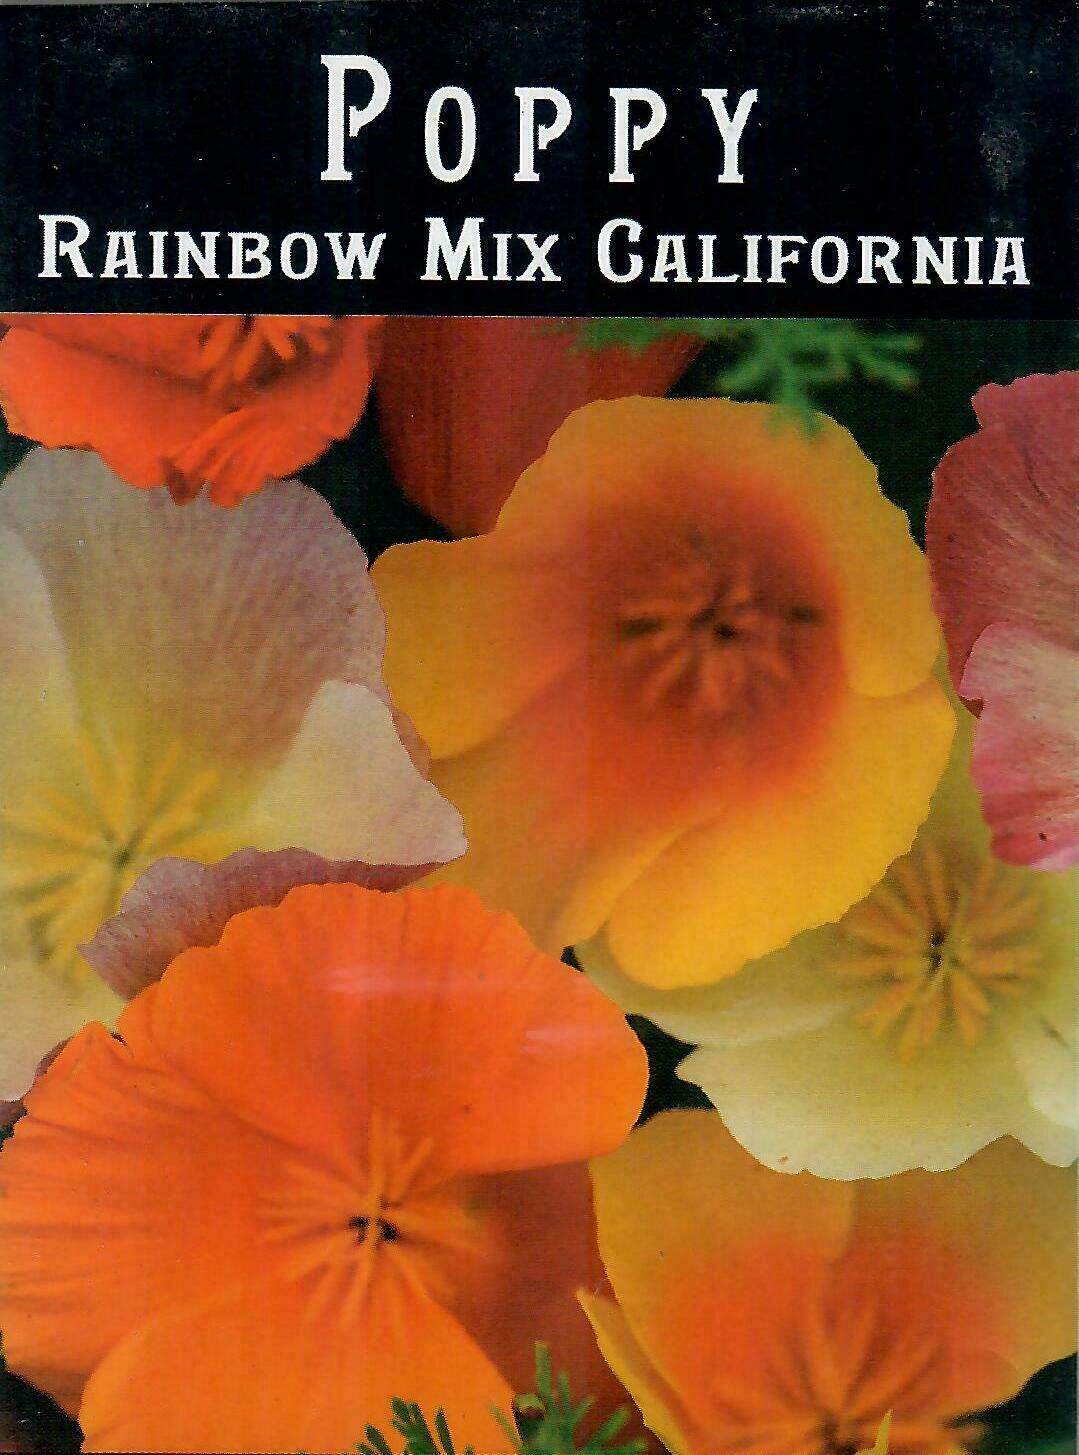 Poppy - California Rainbow Mix BC